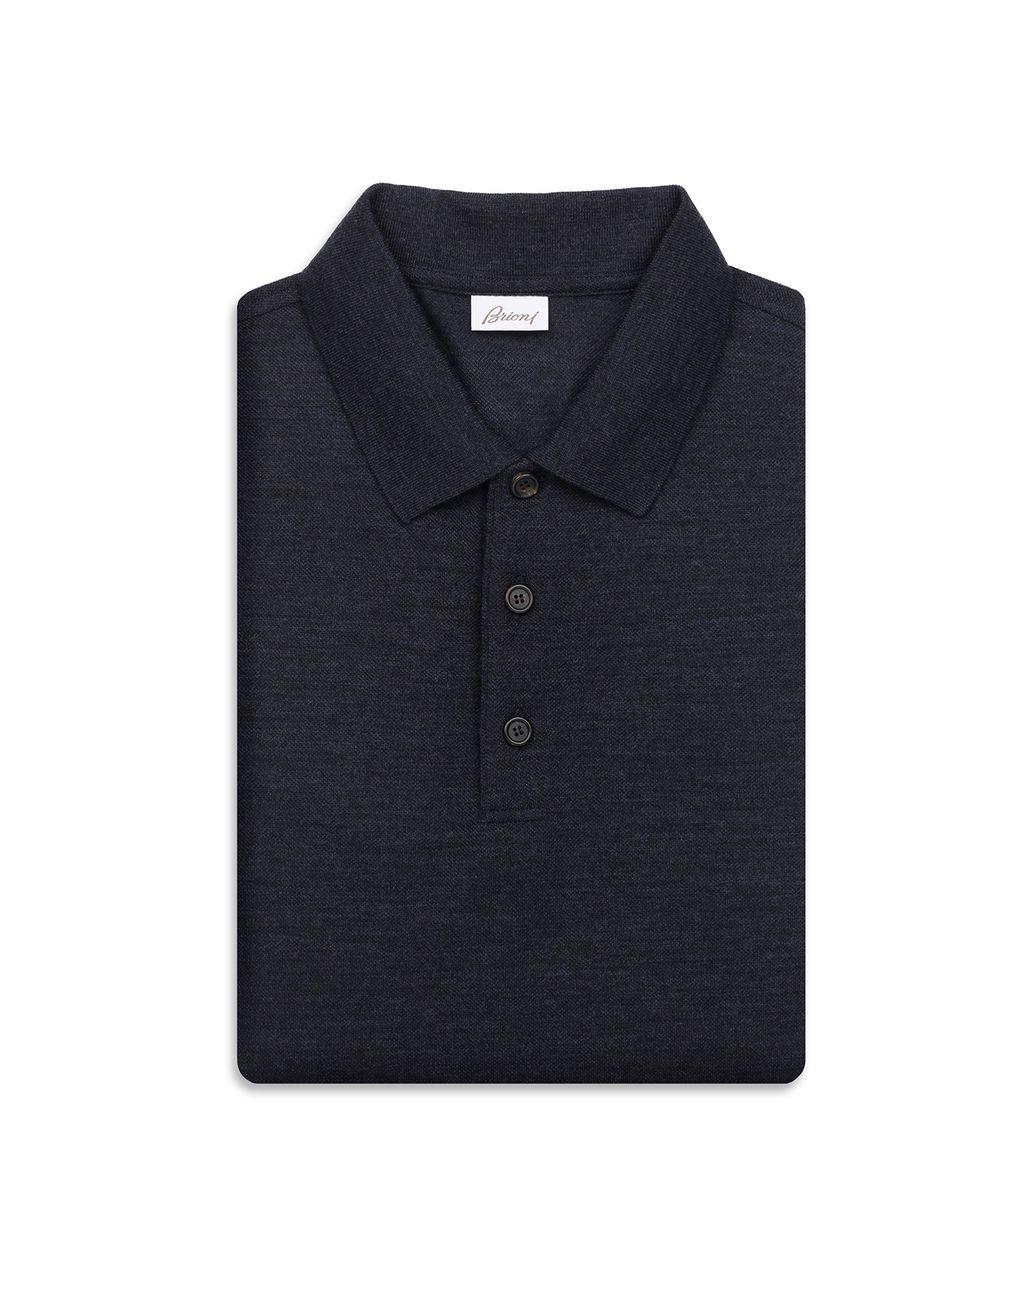 BRIONI ポロシャツ ネイビーブルー ロングスリーブ  Tシャツ&ポロ メンズ e